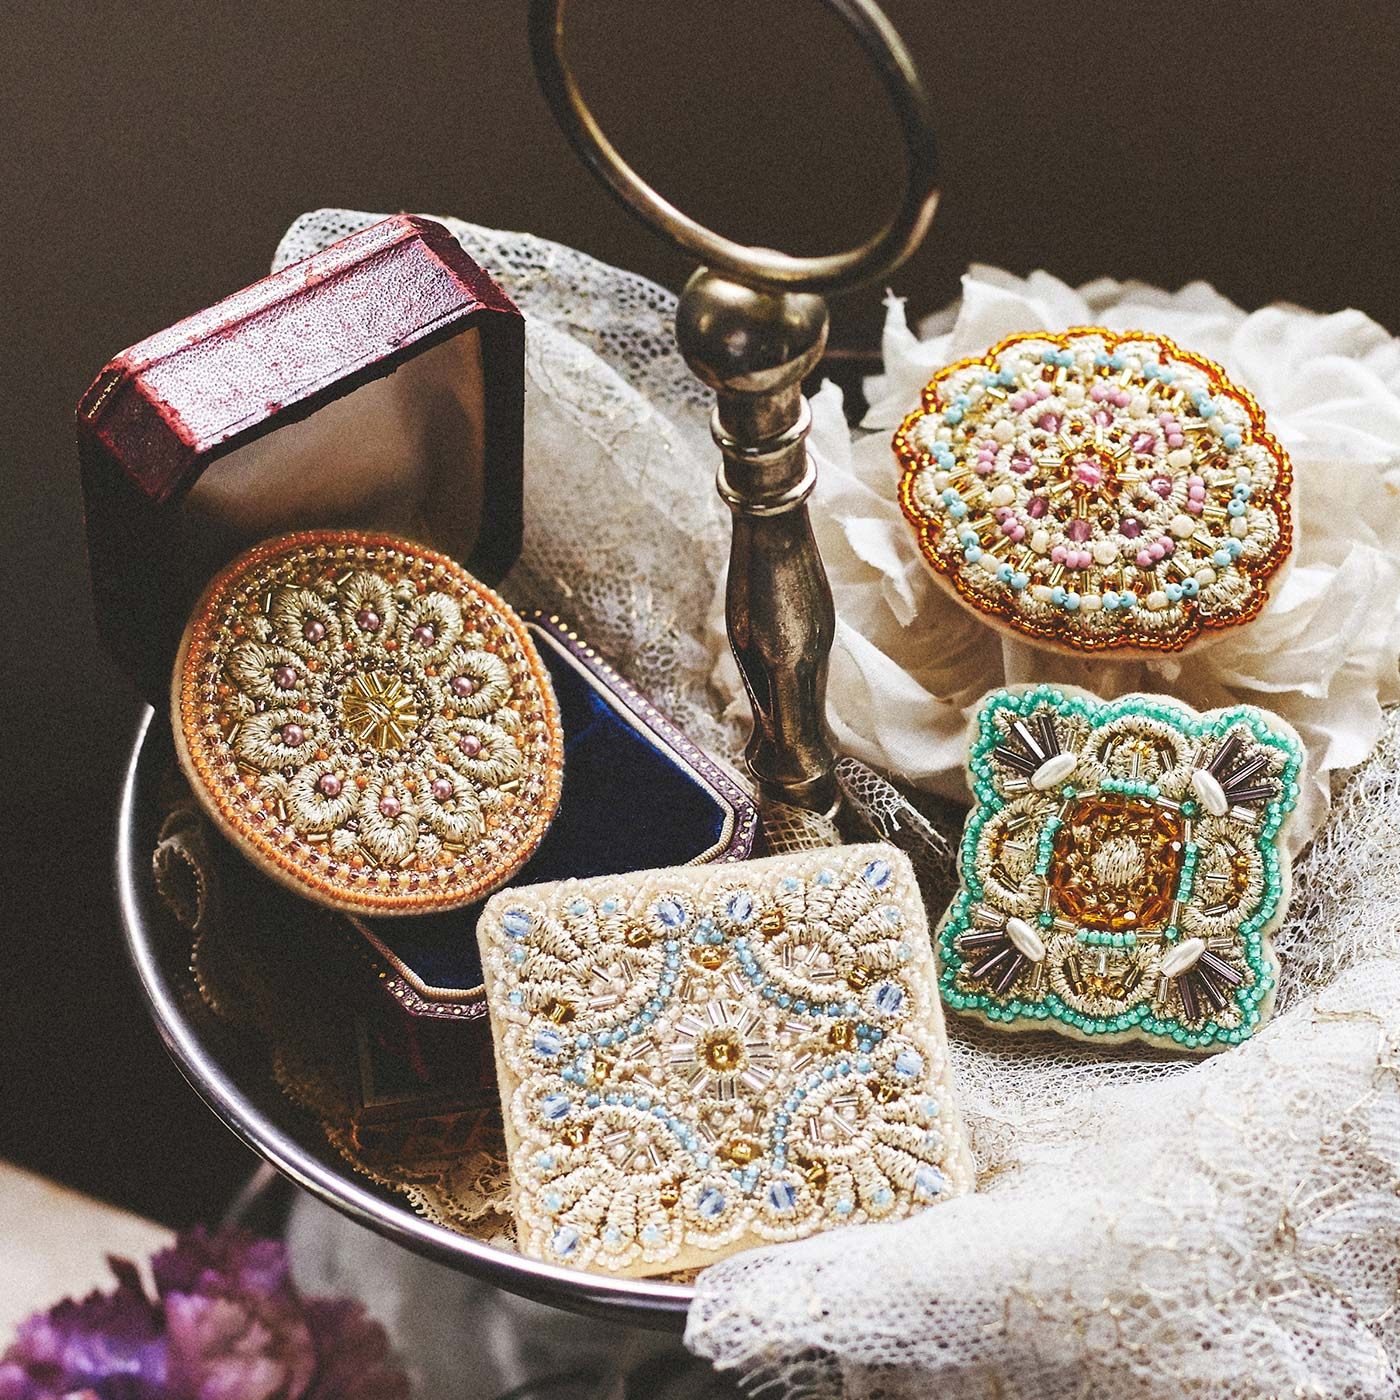 宝石箱のような美しさ。